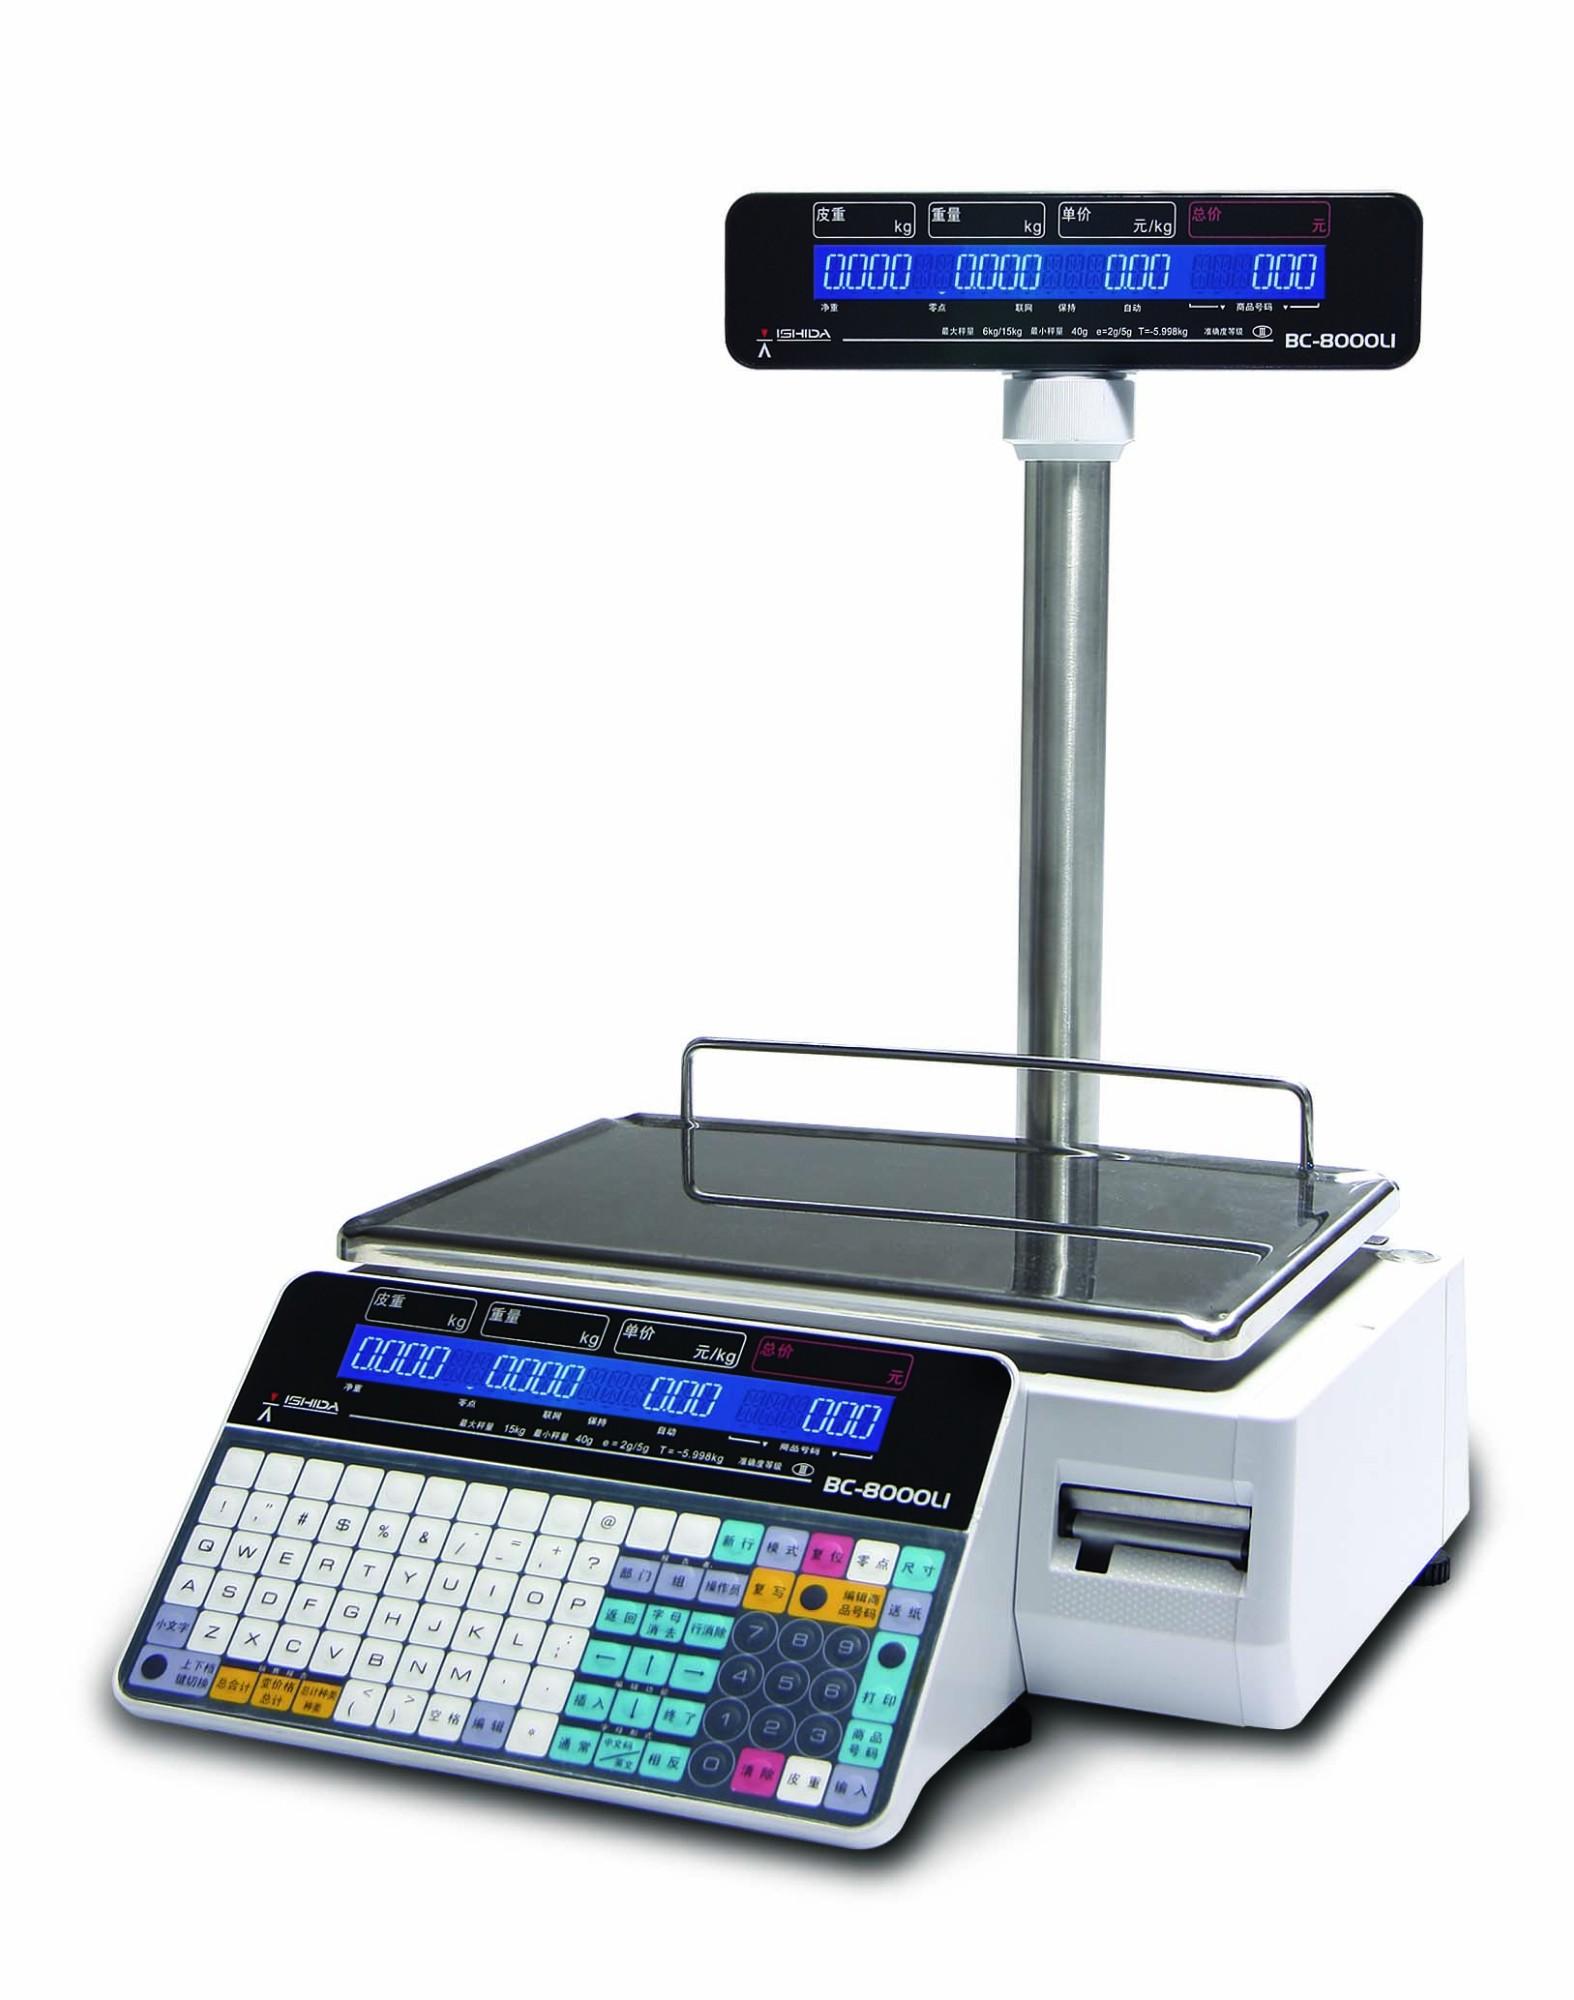 石田ISHIDA BC-8000L1 商店 超市 零食店 更精准 快捷 条码打印秤